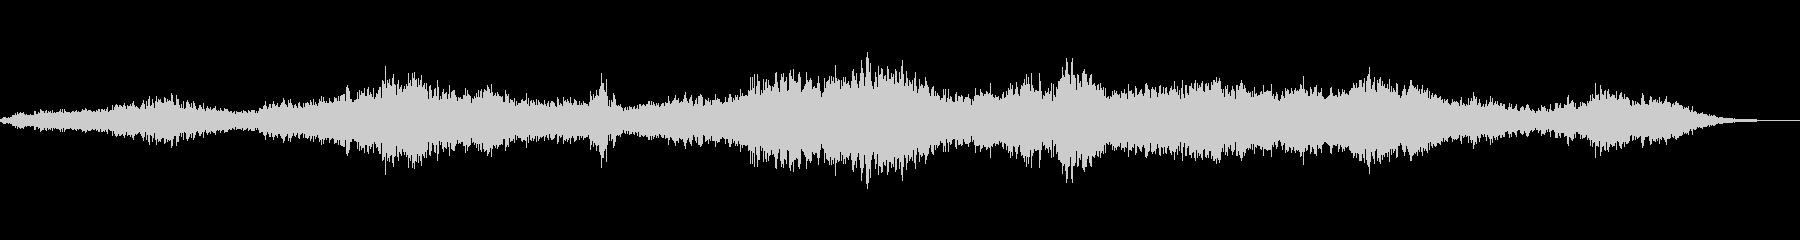 共鳴エイリアン合唱団ドローンリチュアルの未再生の波形